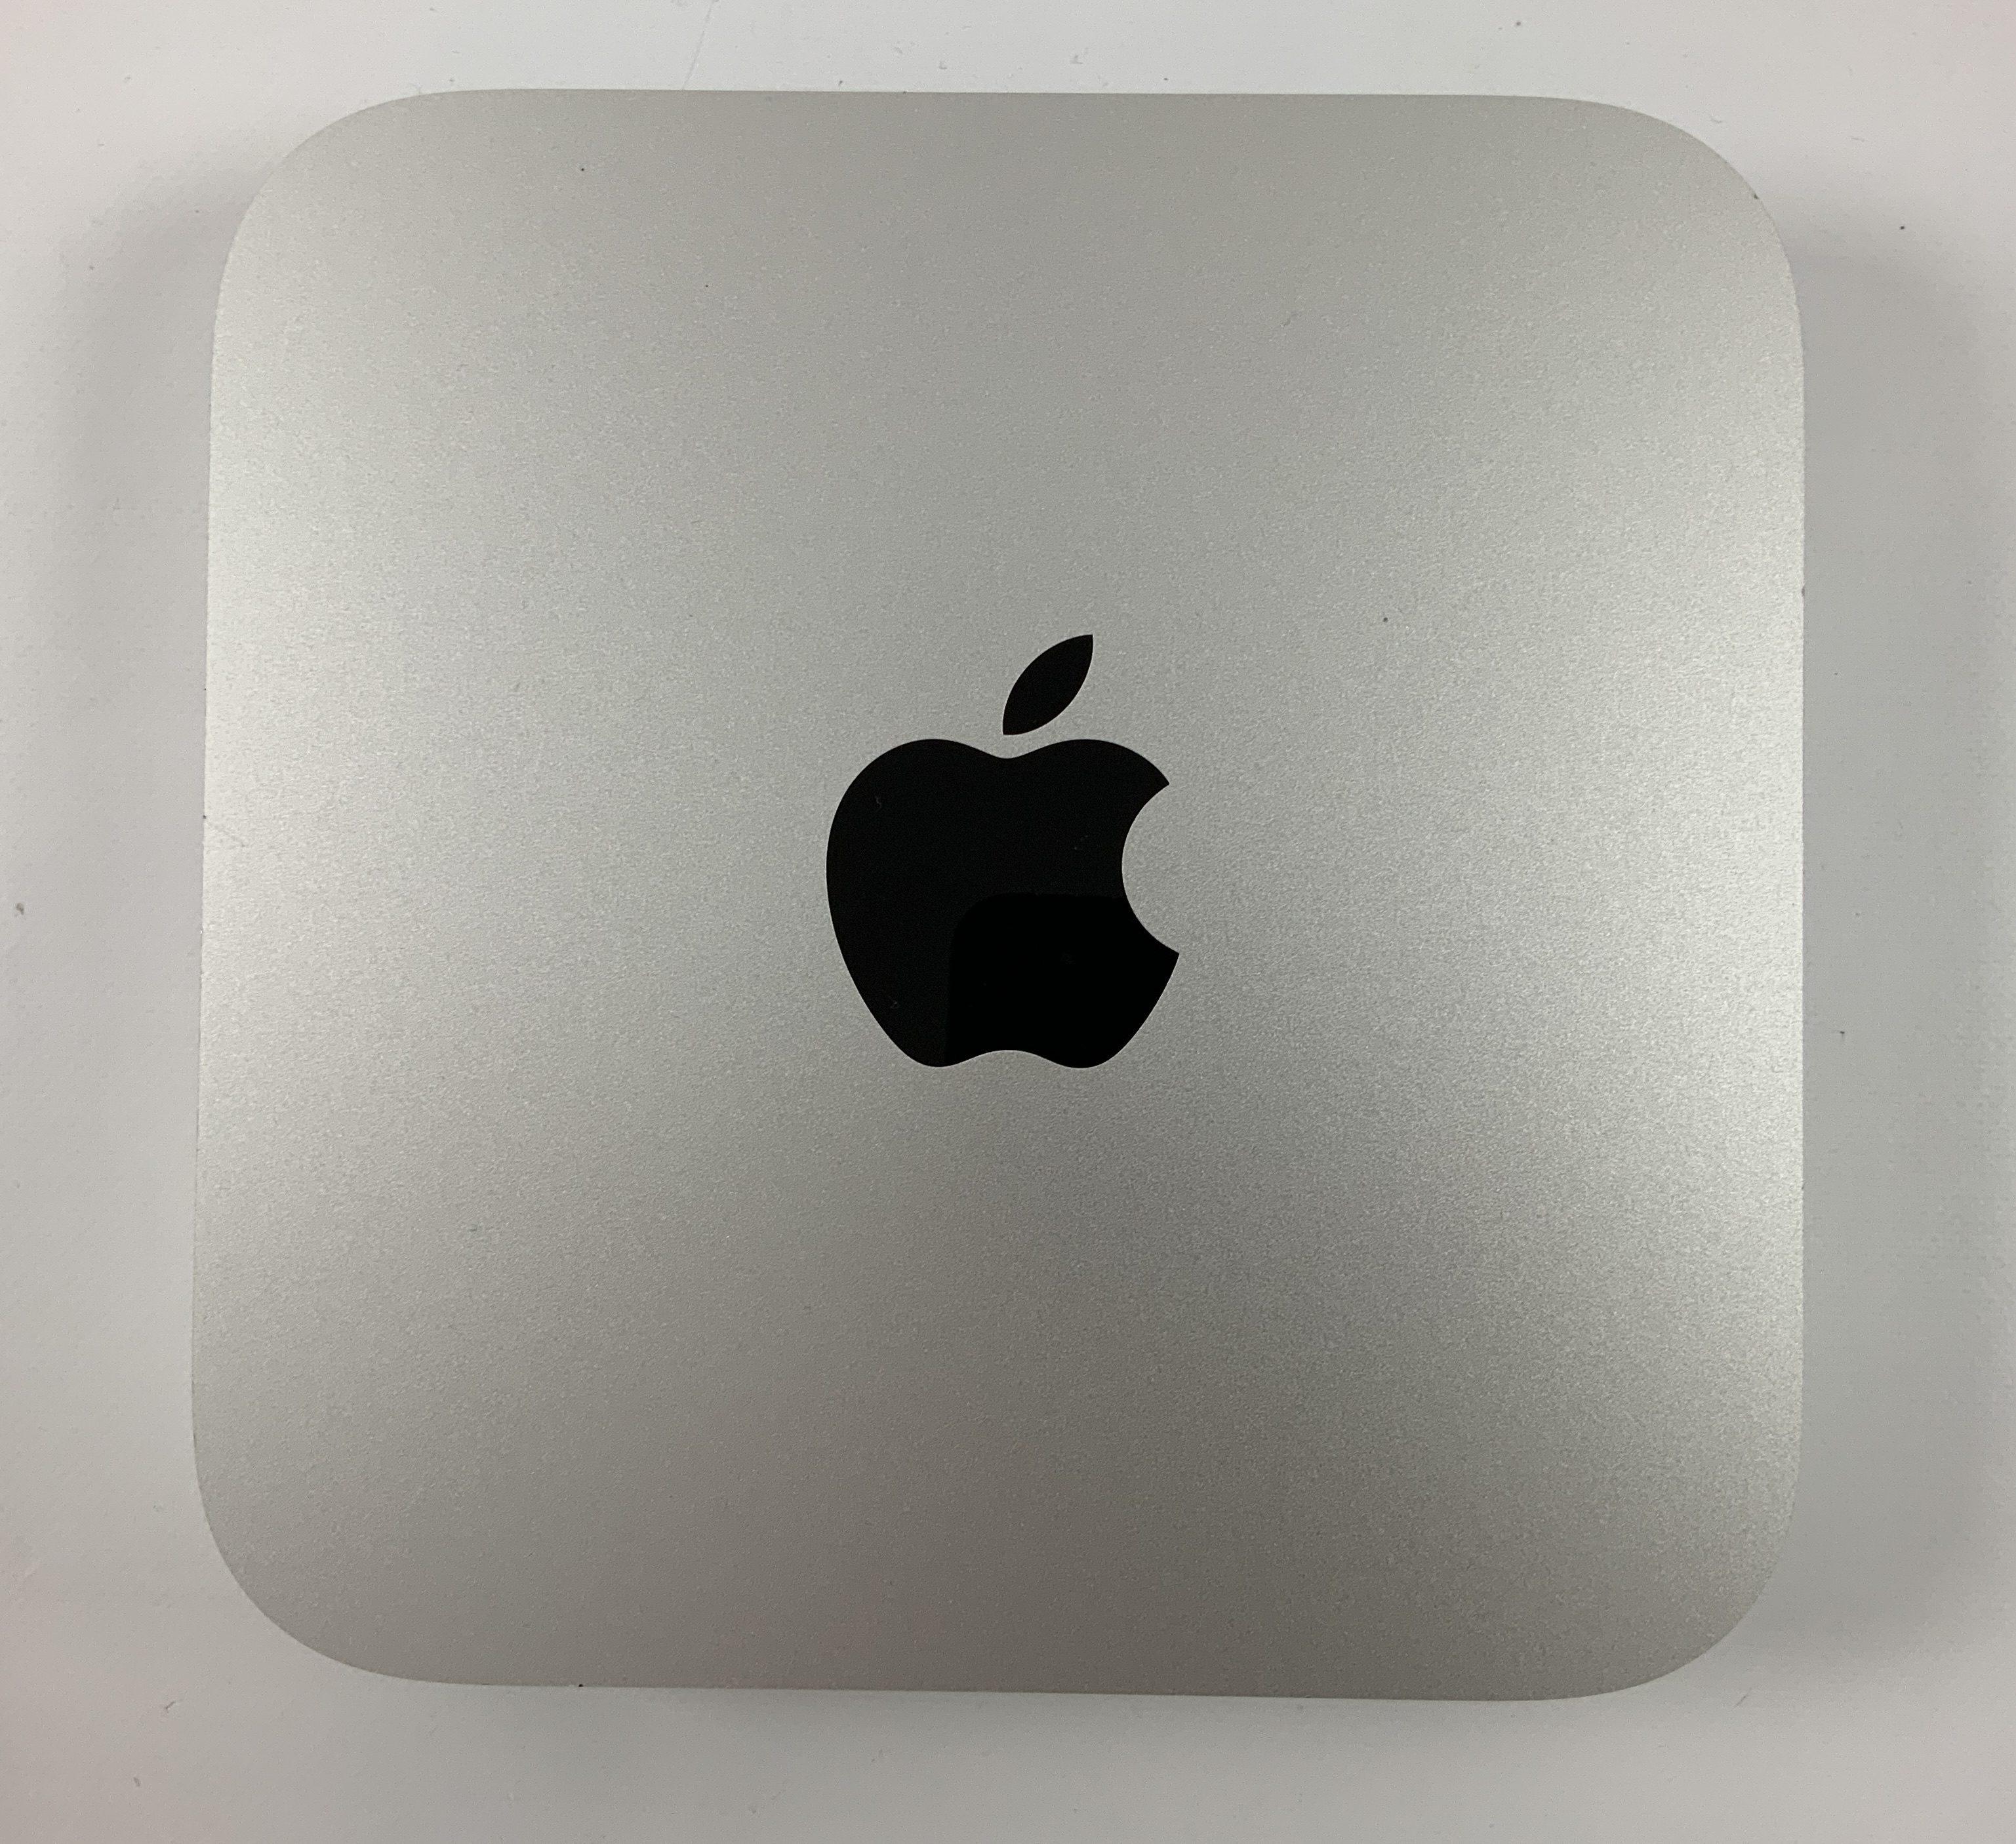 Mac Mini Late 2014 (Intel Core i5 2.6 GHz 8 GB RAM 1 TB HDD), Intel Core i5 2.6 GHz, 8 GB RAM, 1 TB HDD, image 1